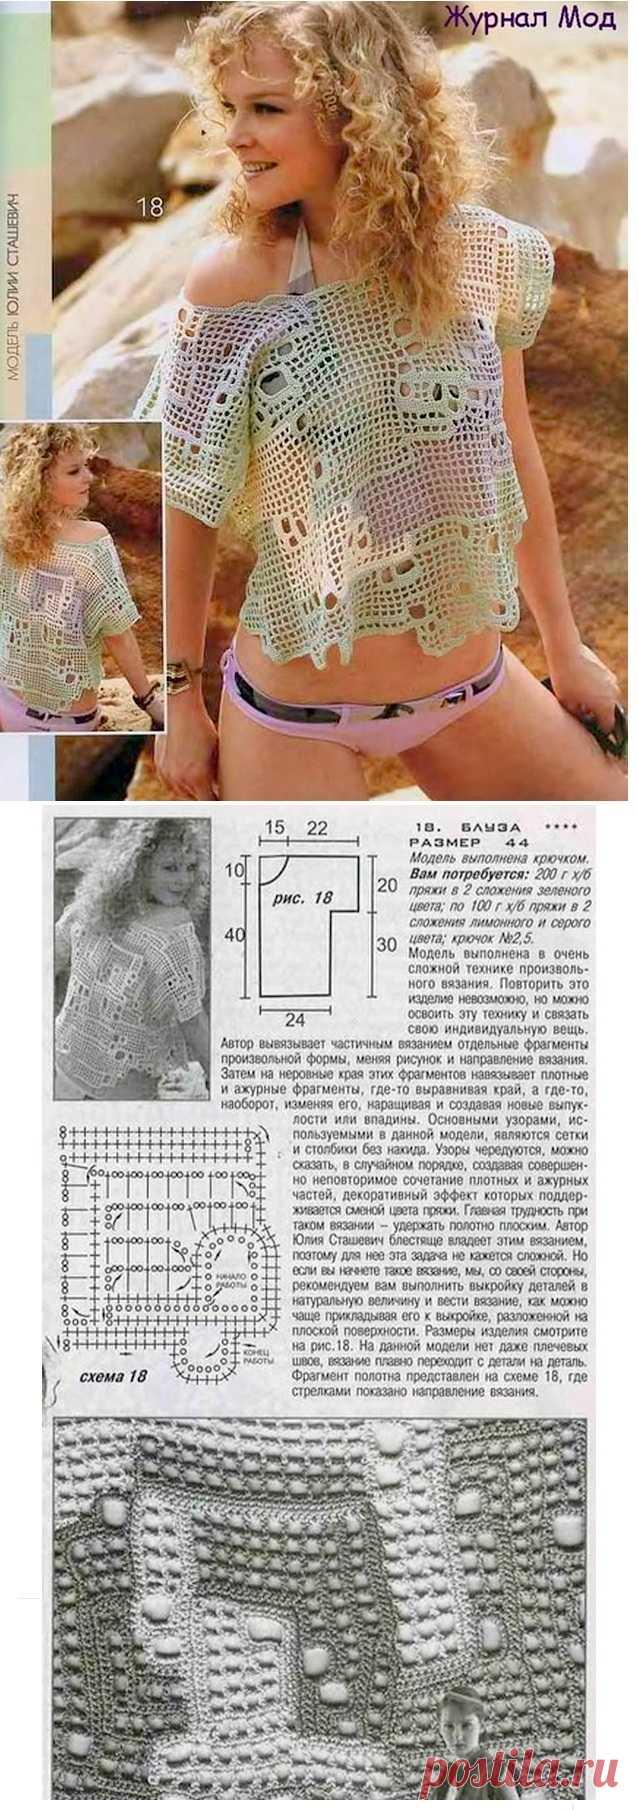 Ажурная блузка крючком в технике произвольного вязания | Дневник Иримед